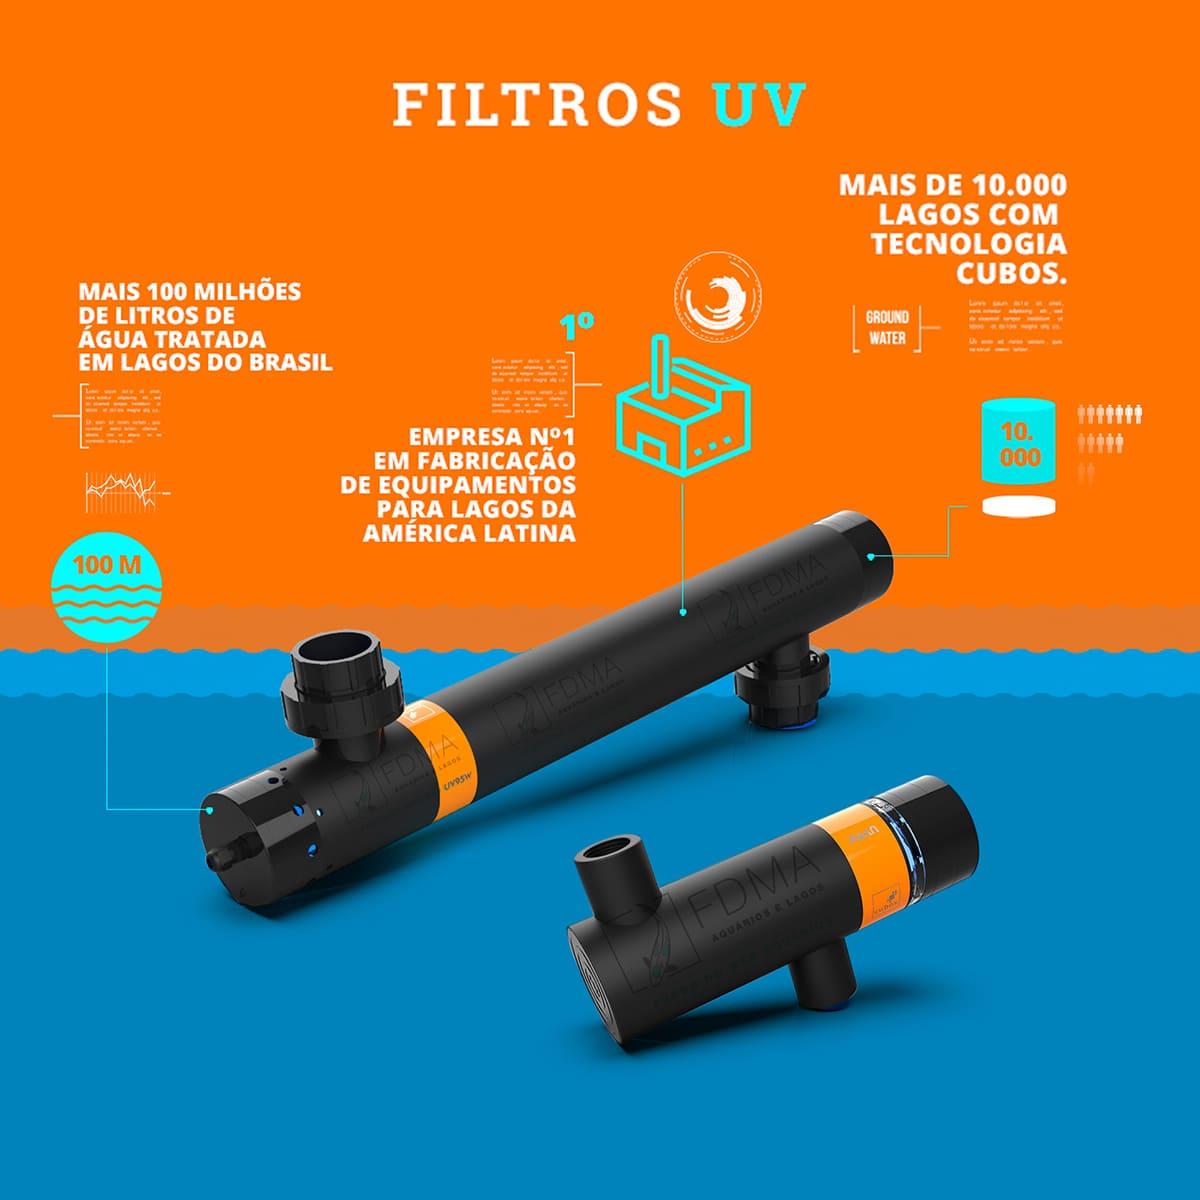 FILTRO UV 36W CUBOS 50mm - Aquários e Lagos de até 8000 L